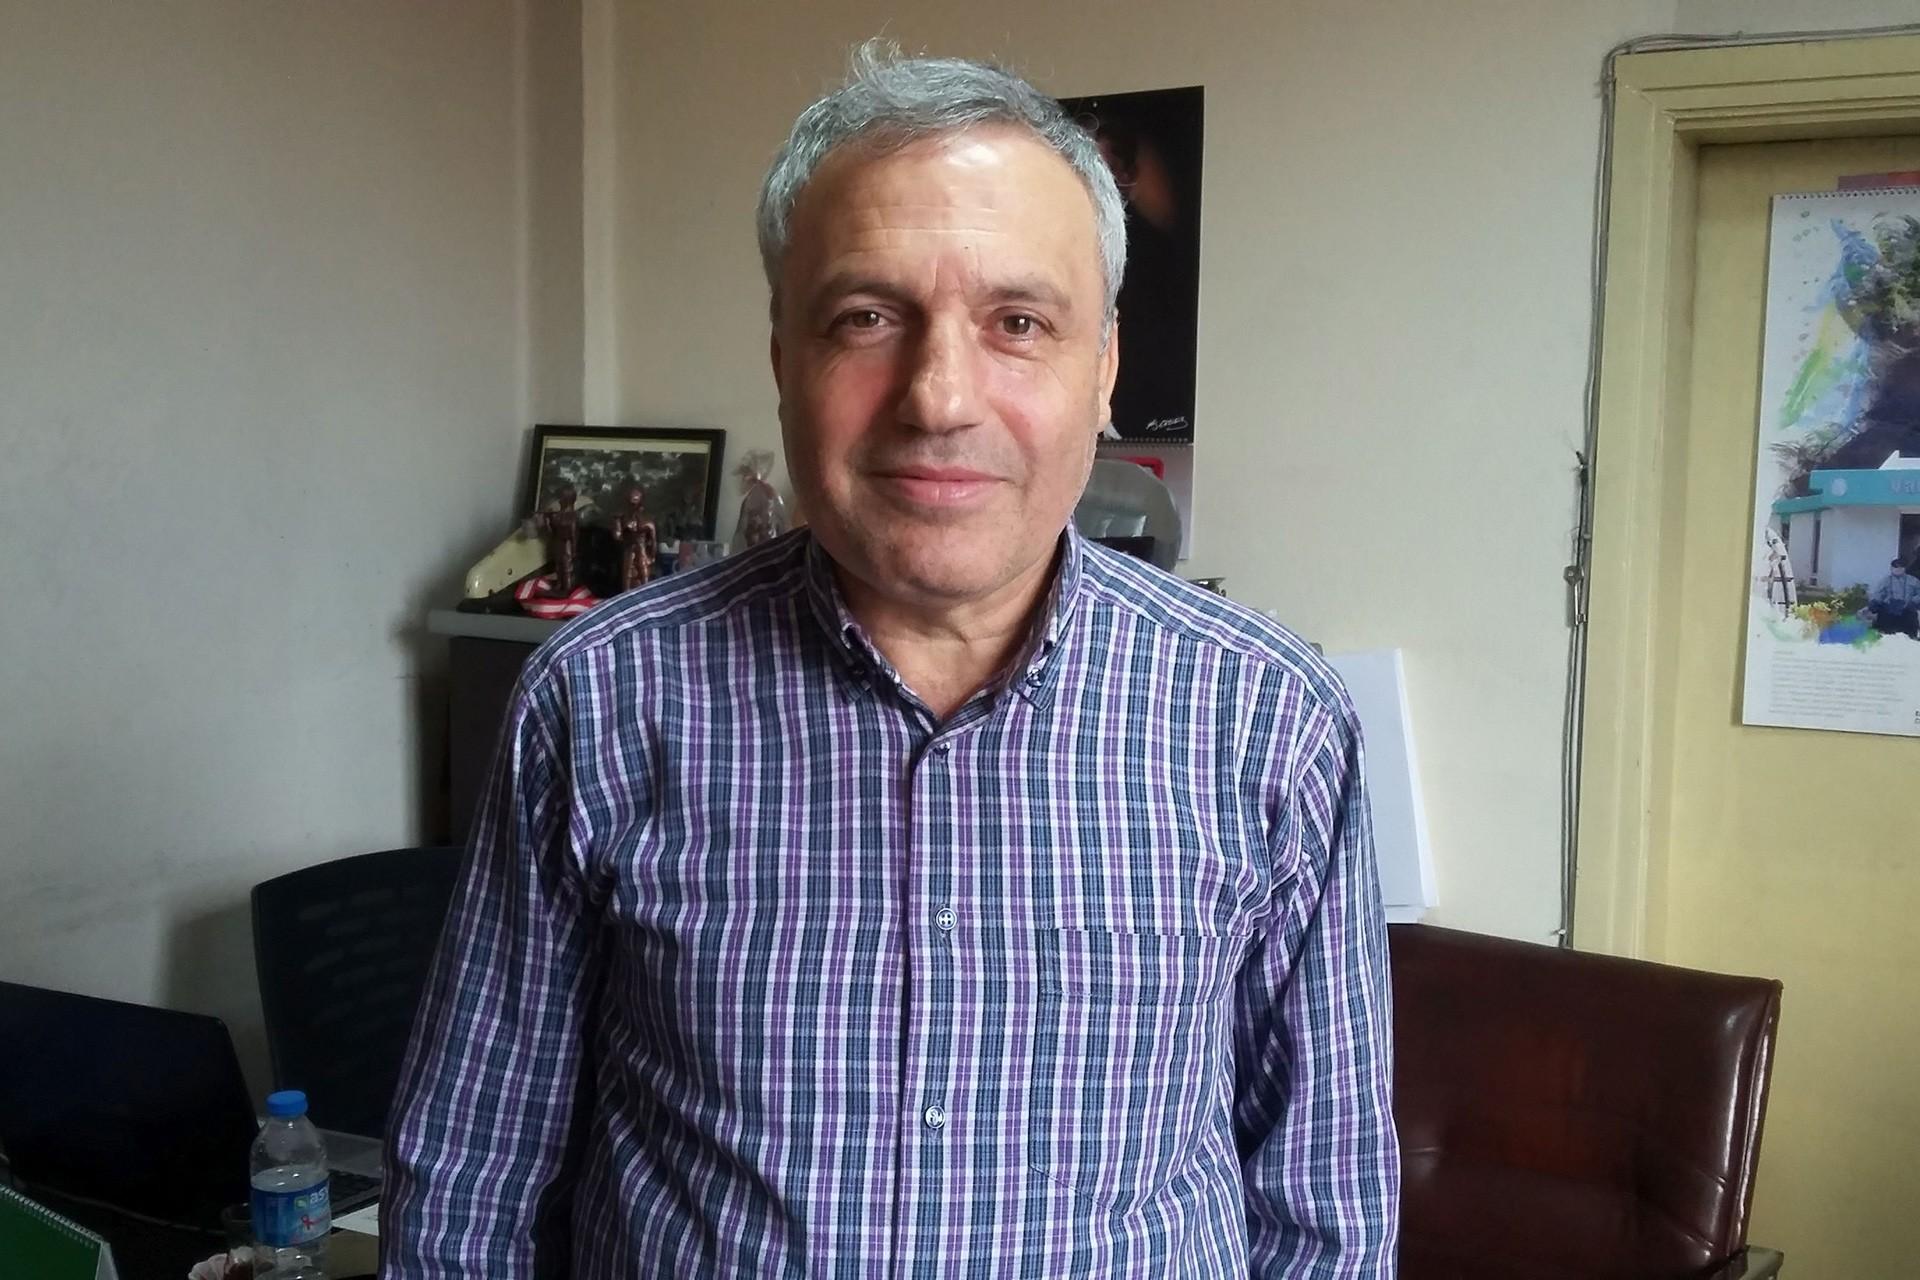 Zonguldak Çevre Koruma Derneği Başkanı Ahmet Öztürk